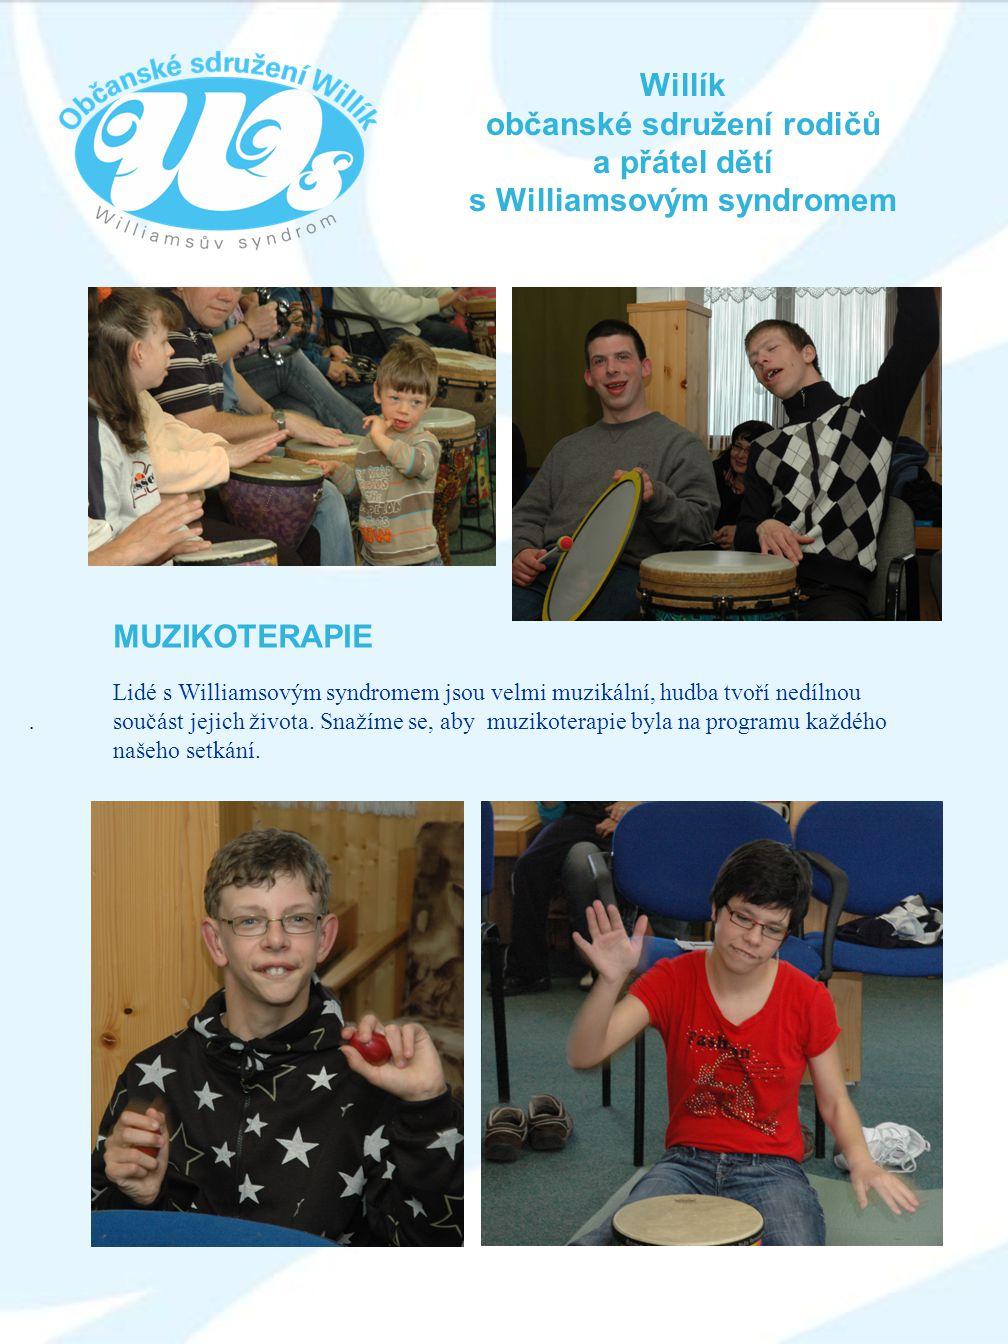 Willík občanské sdružení rodičů a přátel dětí s Williamsovým syndromem. MUZIKOTERAPIE Lidé s Williamsovým syndromem jsou velmi muzikální, hudba tvoří